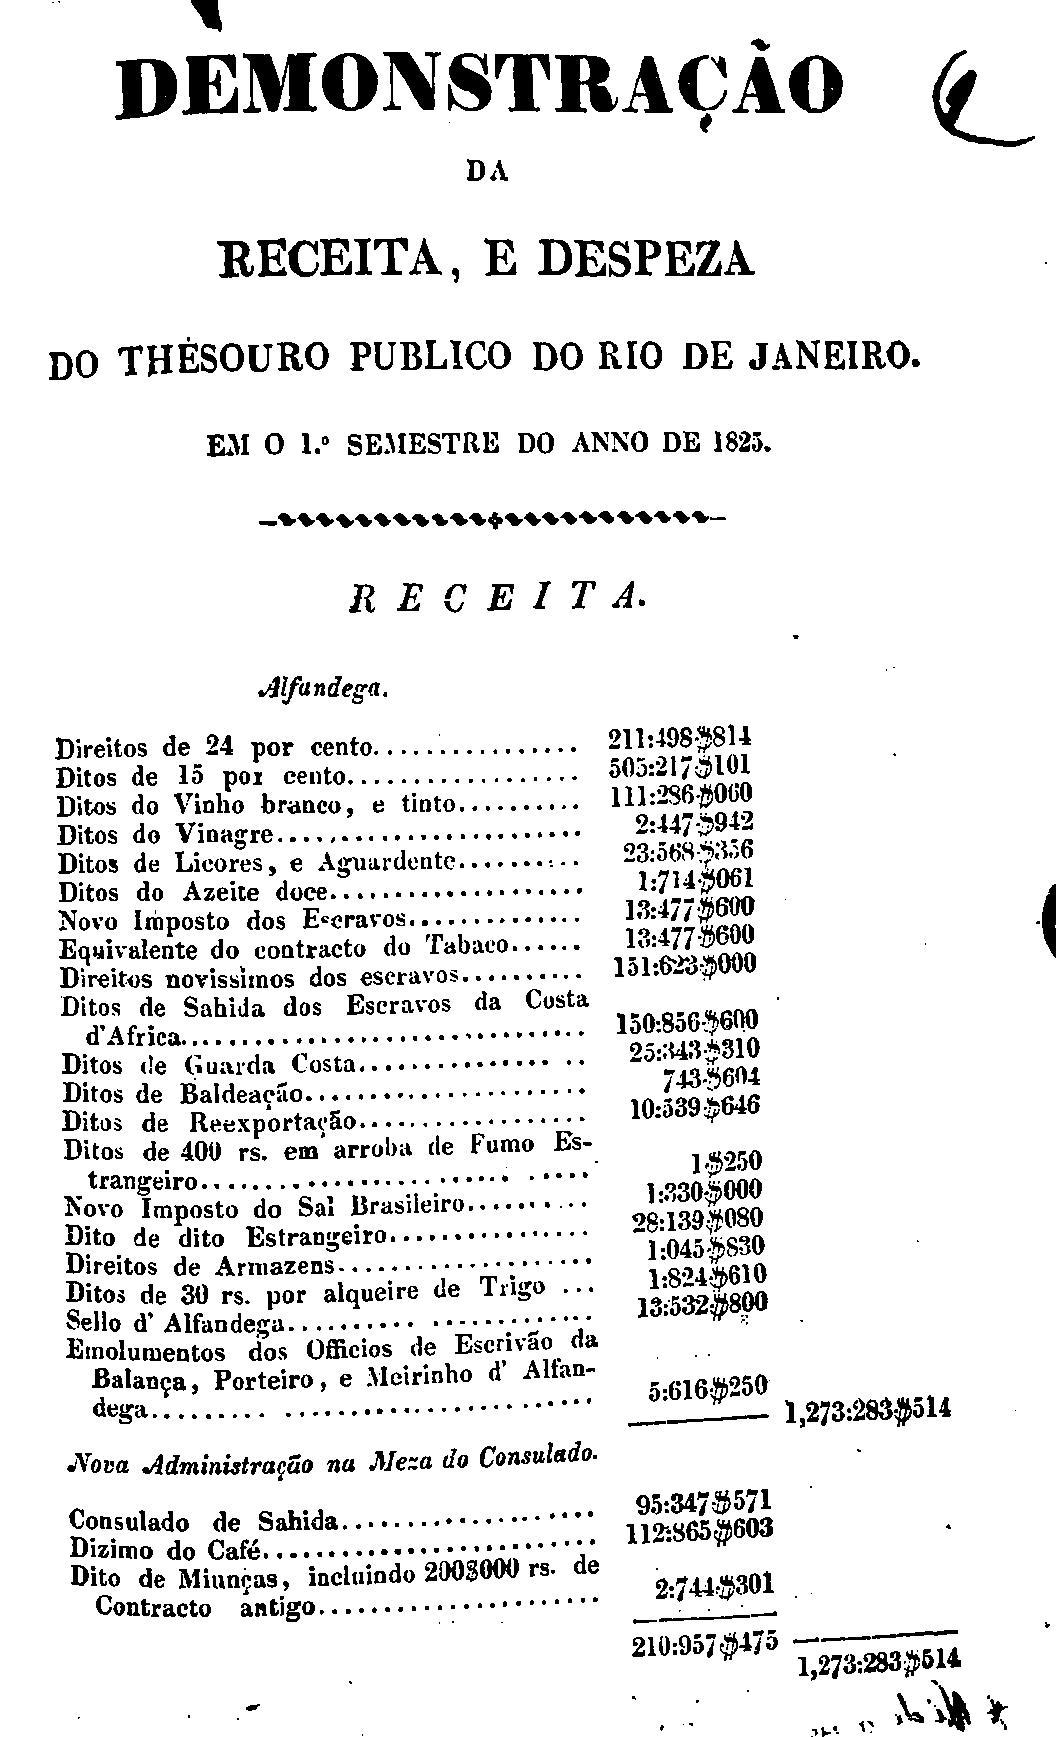 Ministerio da Fazenda - Demonstração da receita e despesa do Thesouro Público do Rio de Janeiro no primeiro semestre de 1825